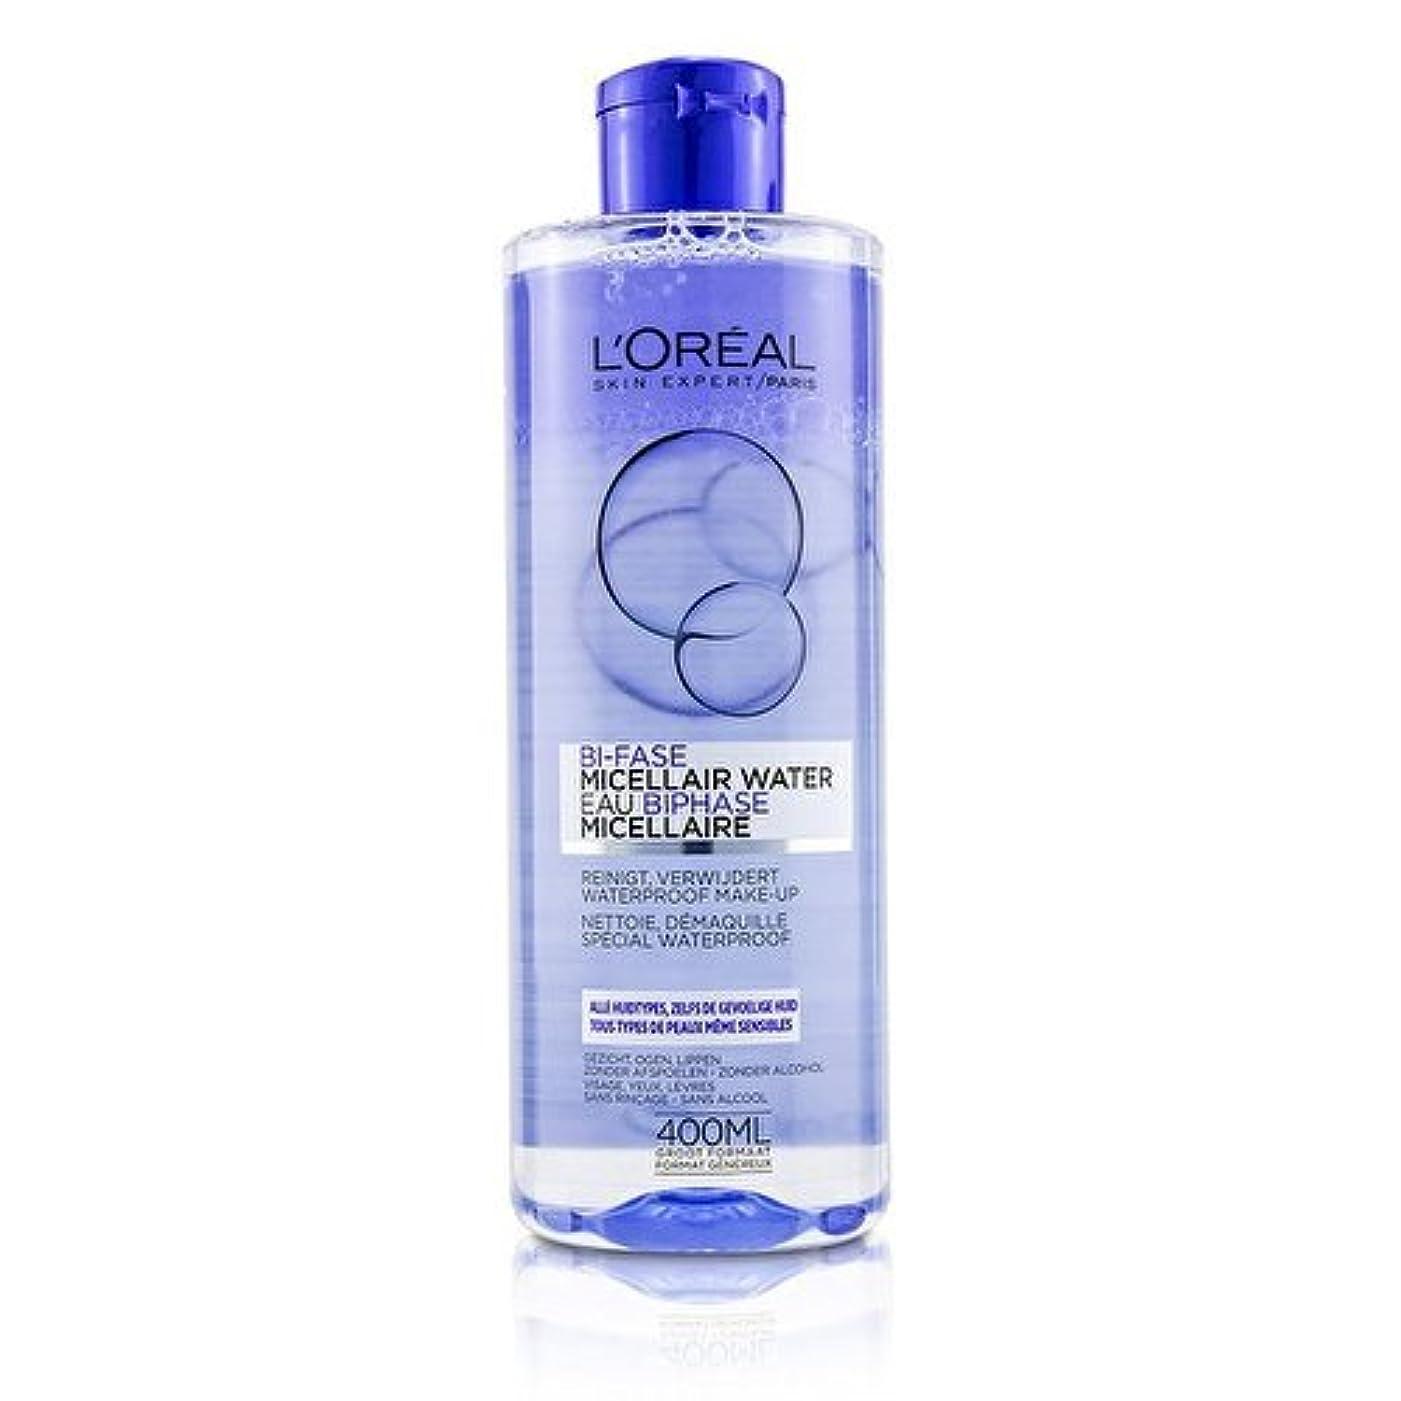 大混乱代表する堤防ロレアル Bi-Phase Micellar Water (Bi-Fase Micellair Water) - For All Skin Types, even Sensitive Skin 400ml/13.3oz並行輸入品